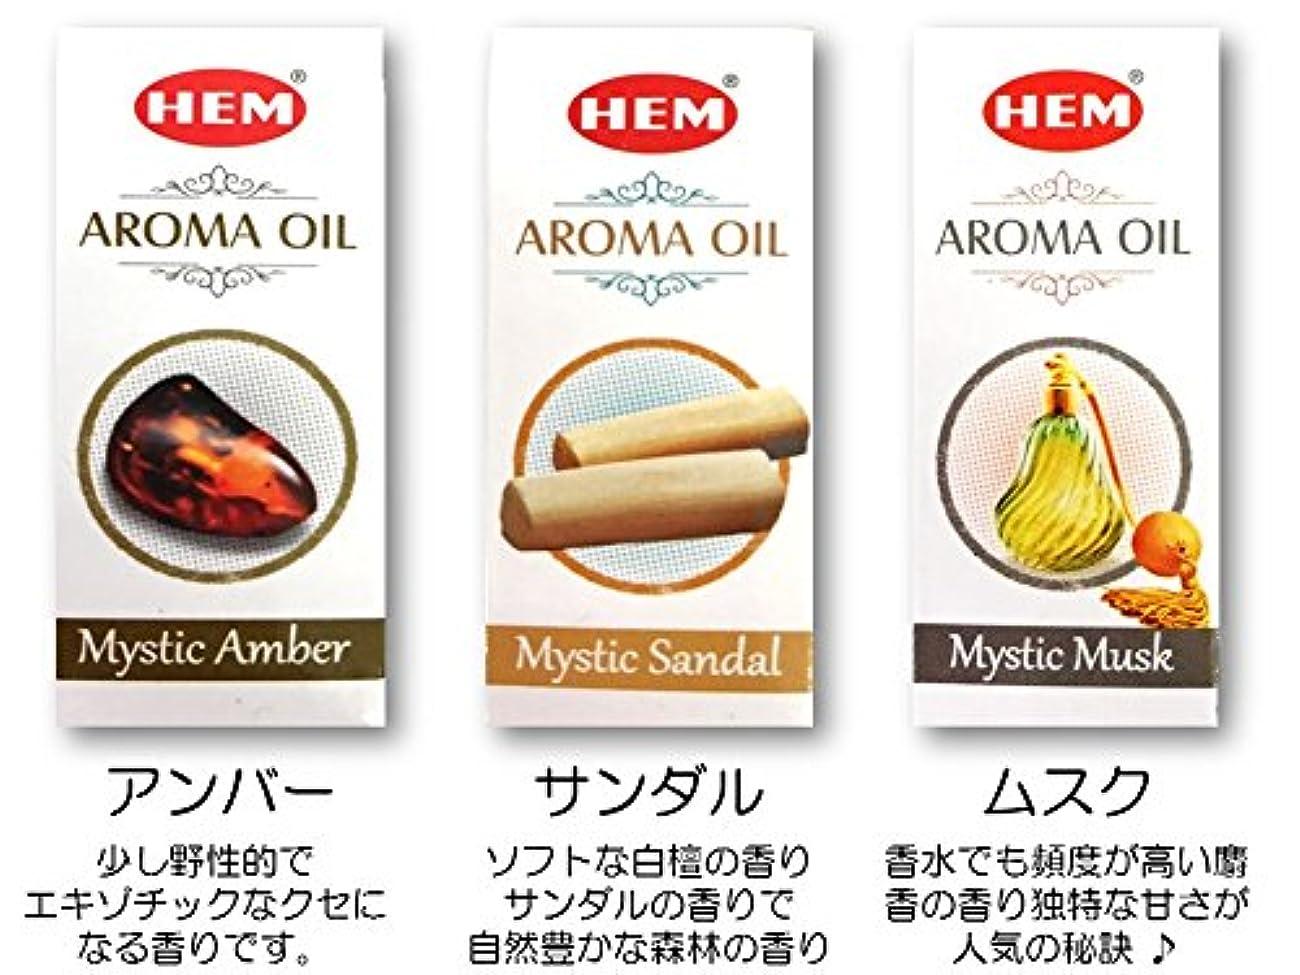 無臭メイト論理的にHEM(ヘム) アロマオイル 3本セット /アンバー?サンダル?ムスク/ルームフレグランス用